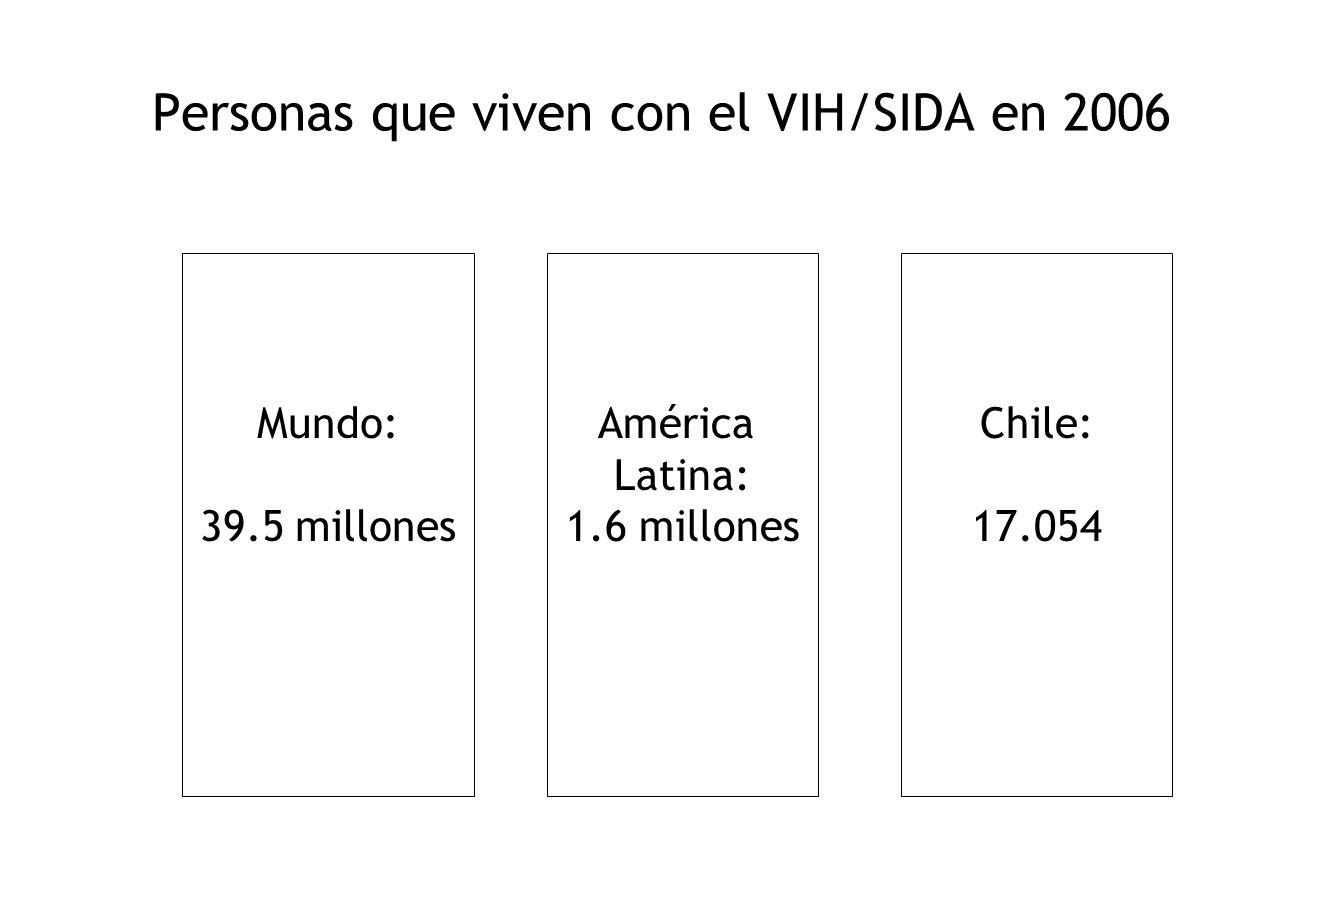 Personas que viven con el VIH/SIDA en 2006 Mundo: 39.5 millones América Latina: 1.6 millones Chile: 17.054